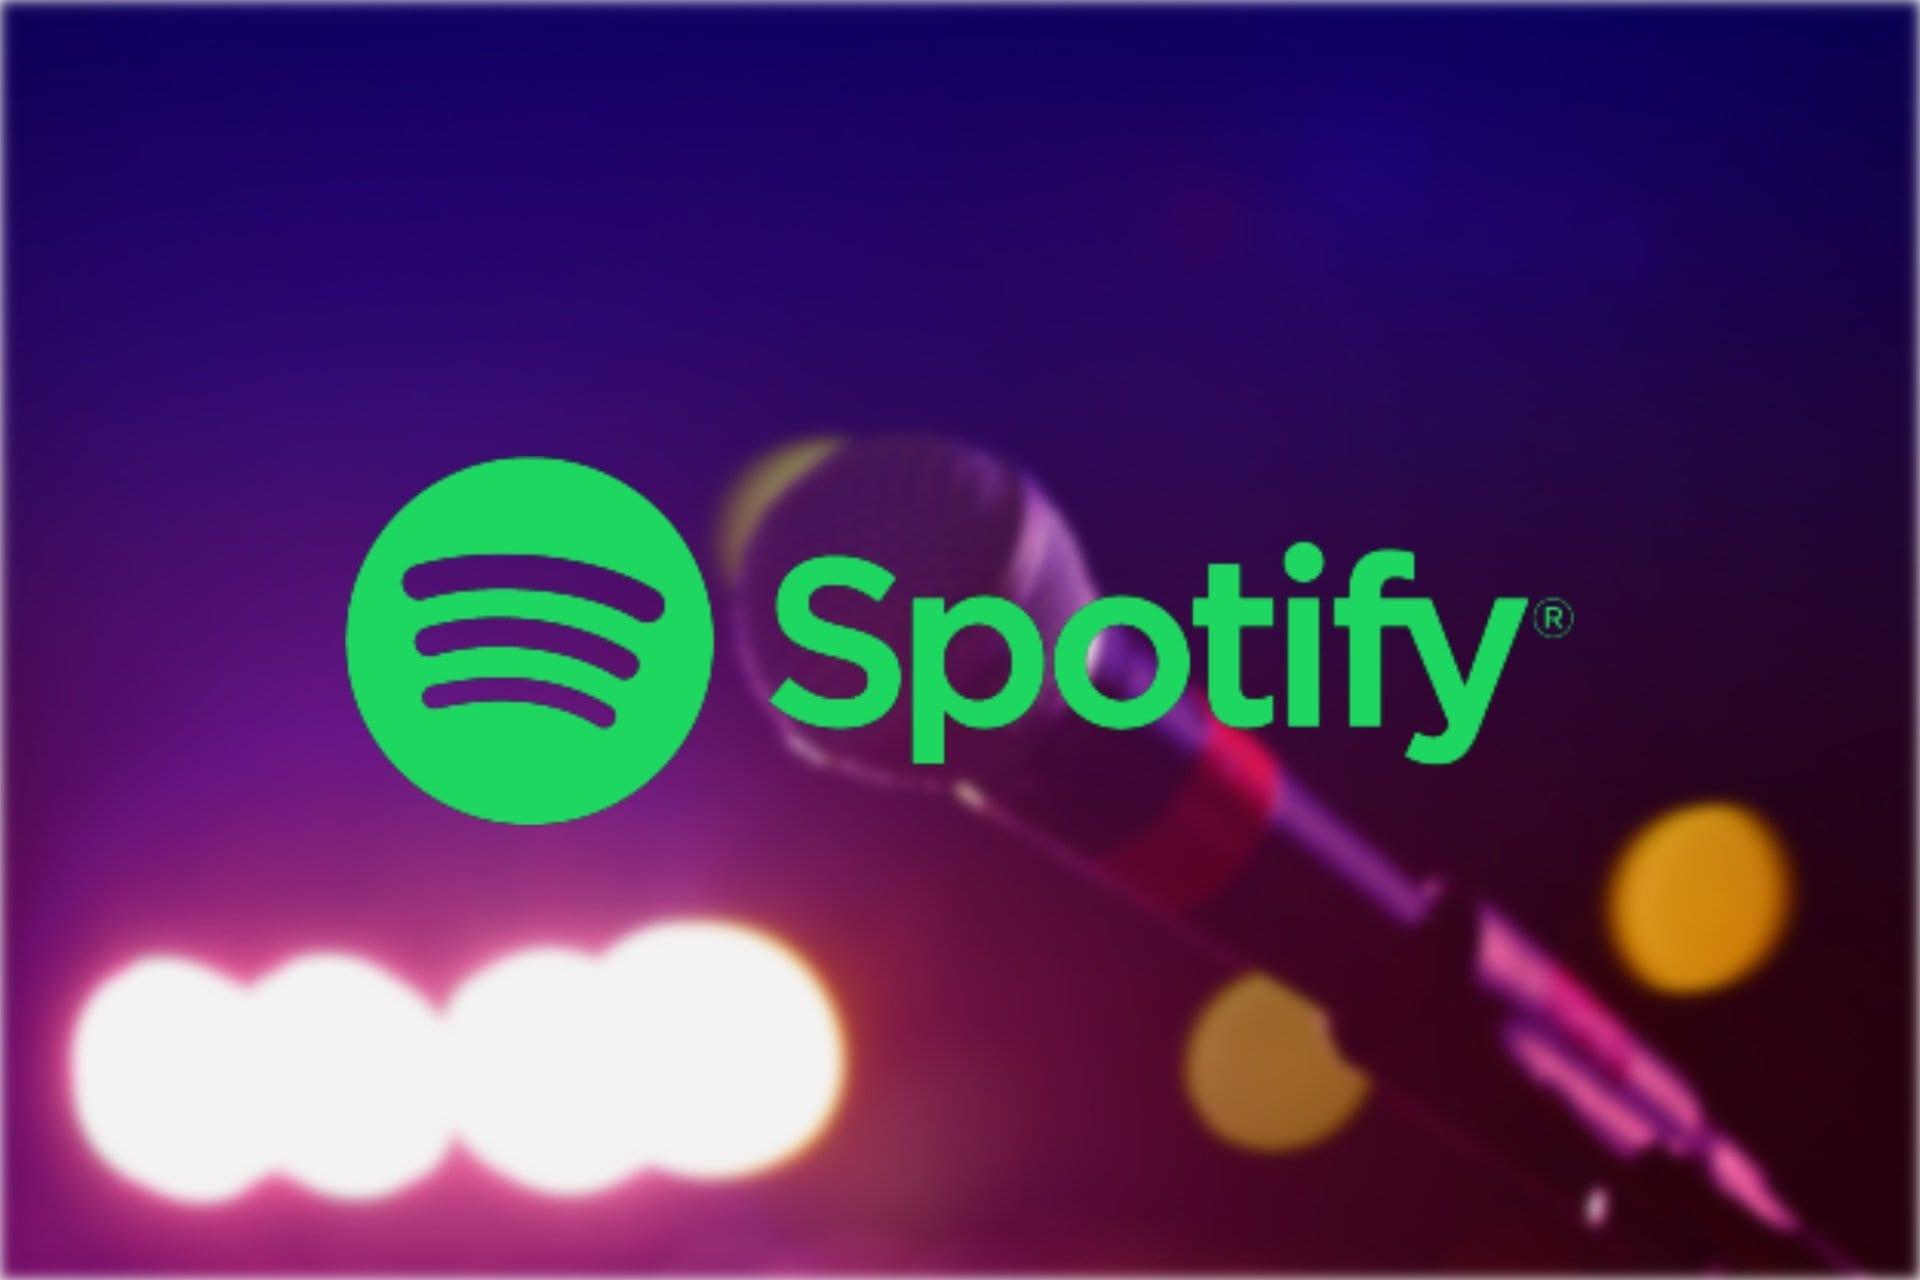 Spotify : 90% des artistes gagnent moins de 1000 euros par an